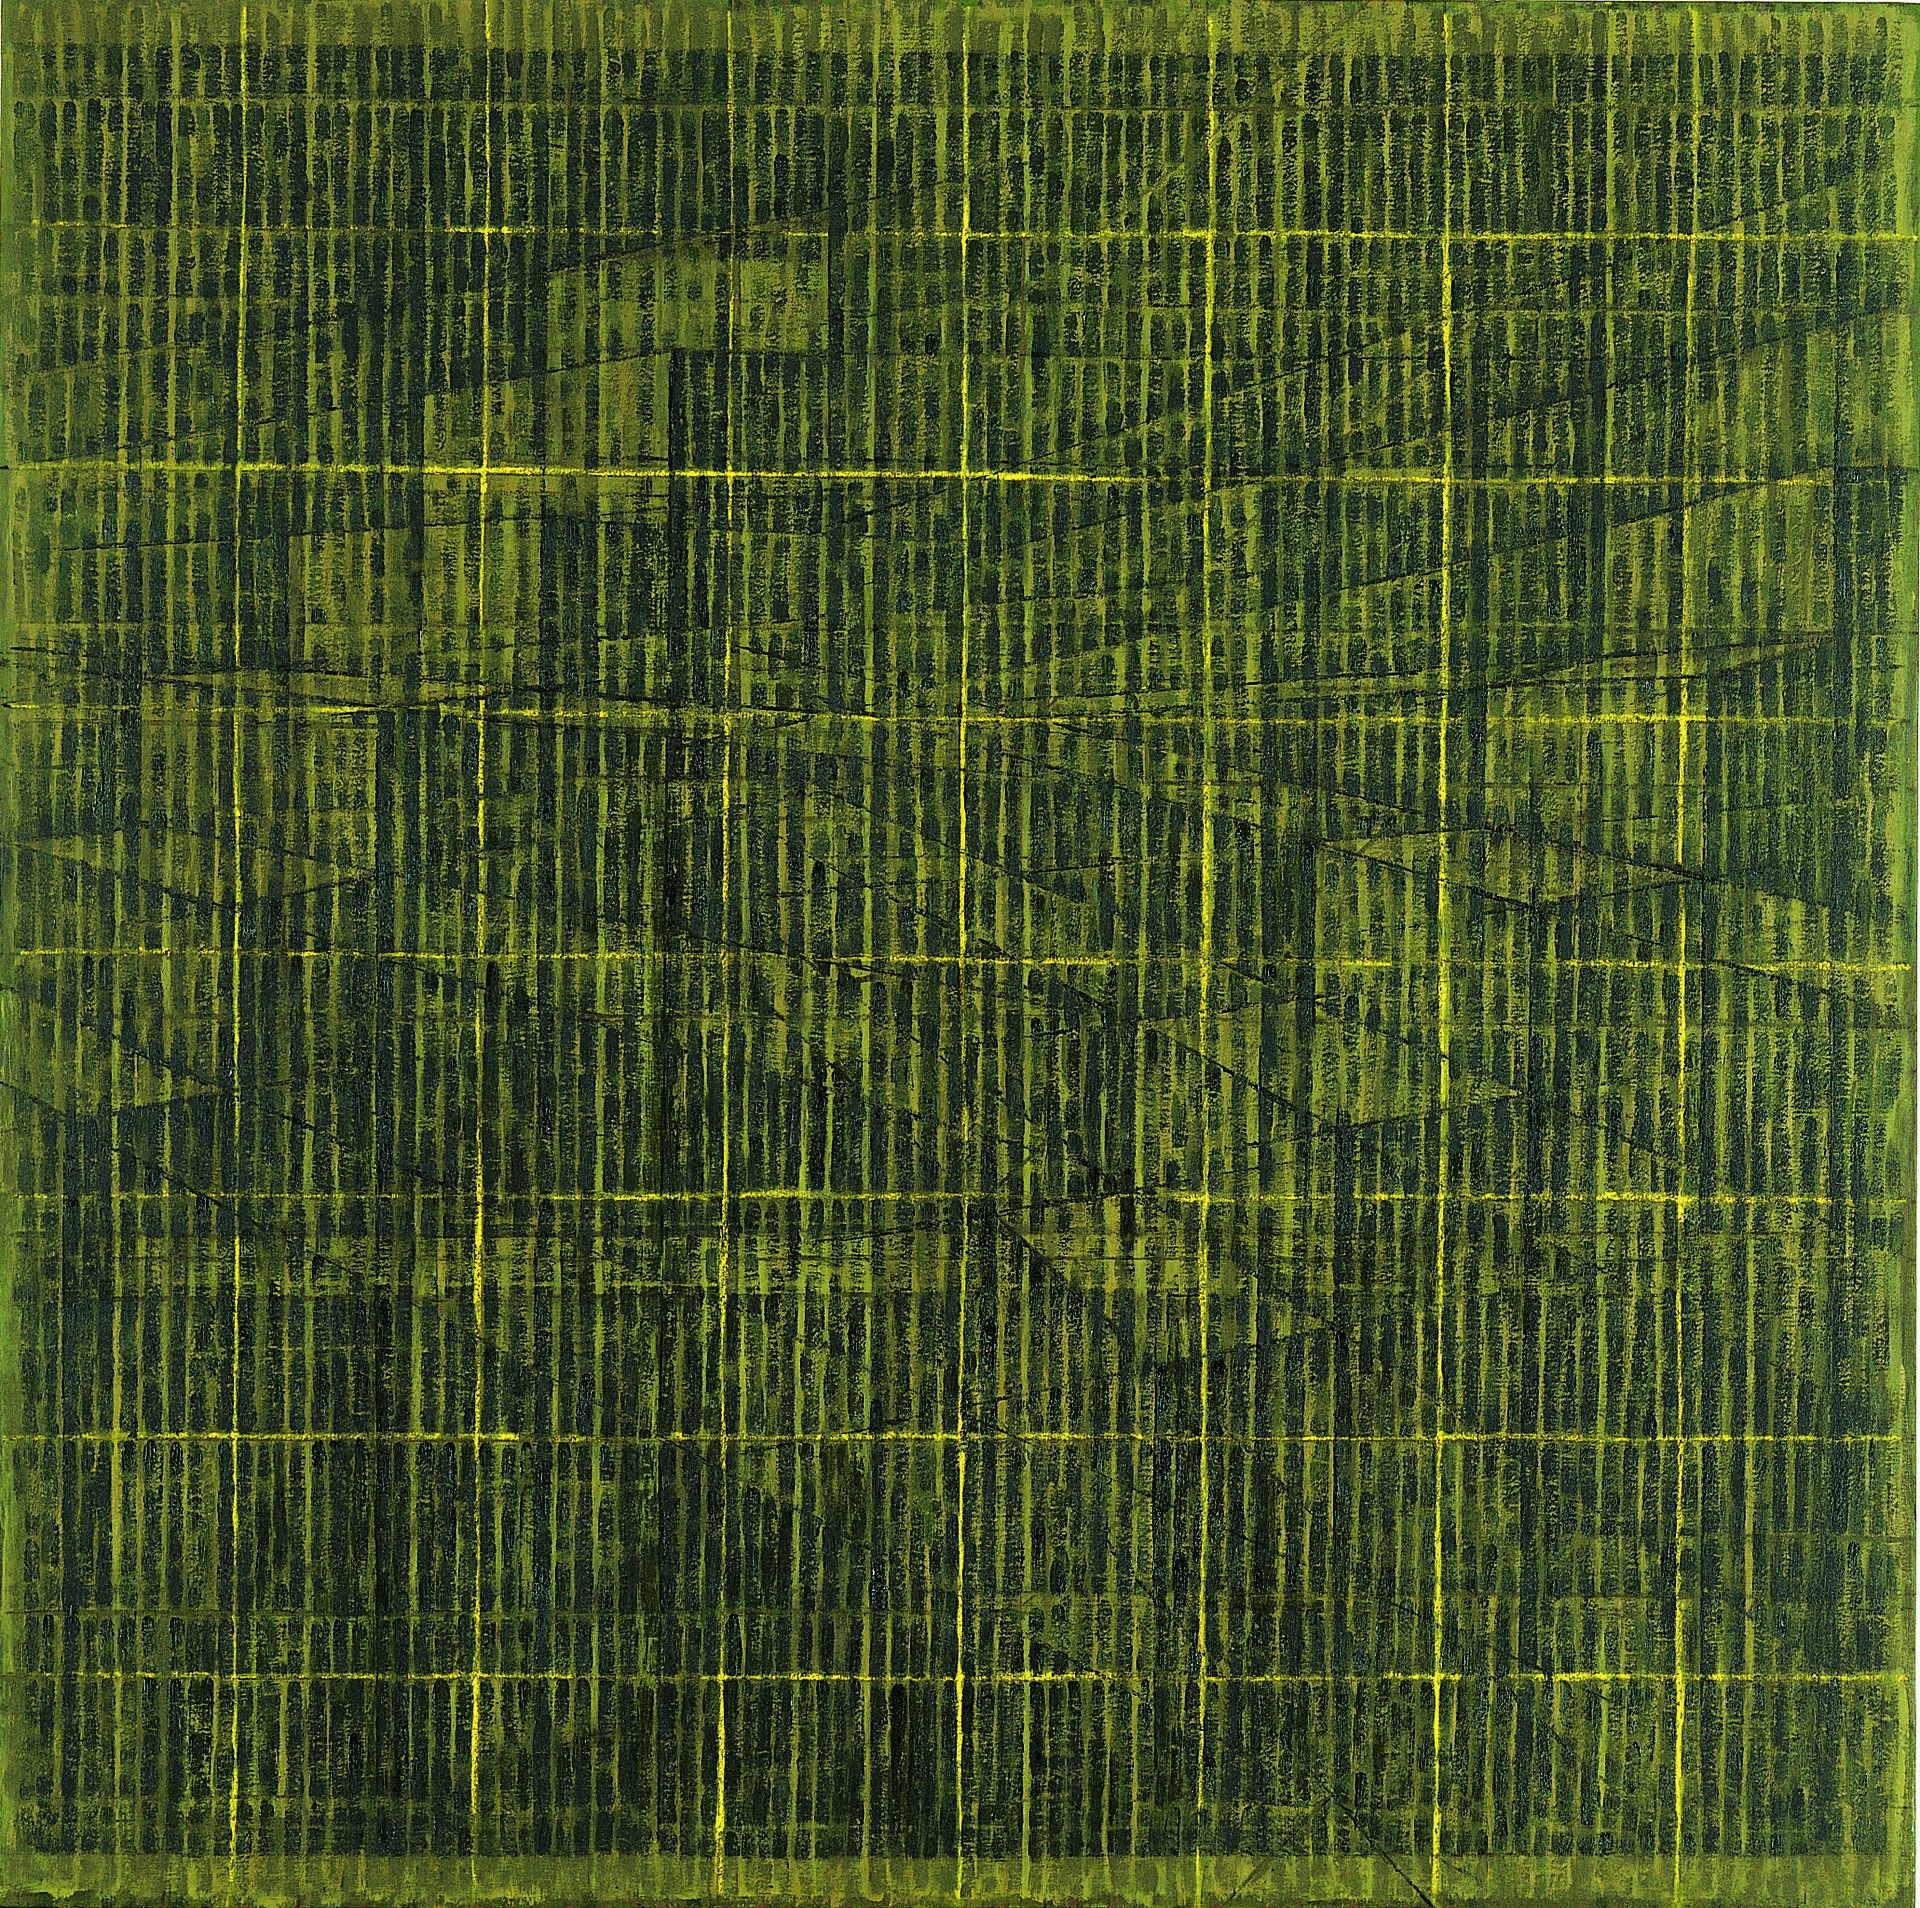 """""""풍경 9716"""" / 1997 / 160x160cm, Oil on Canvas"""